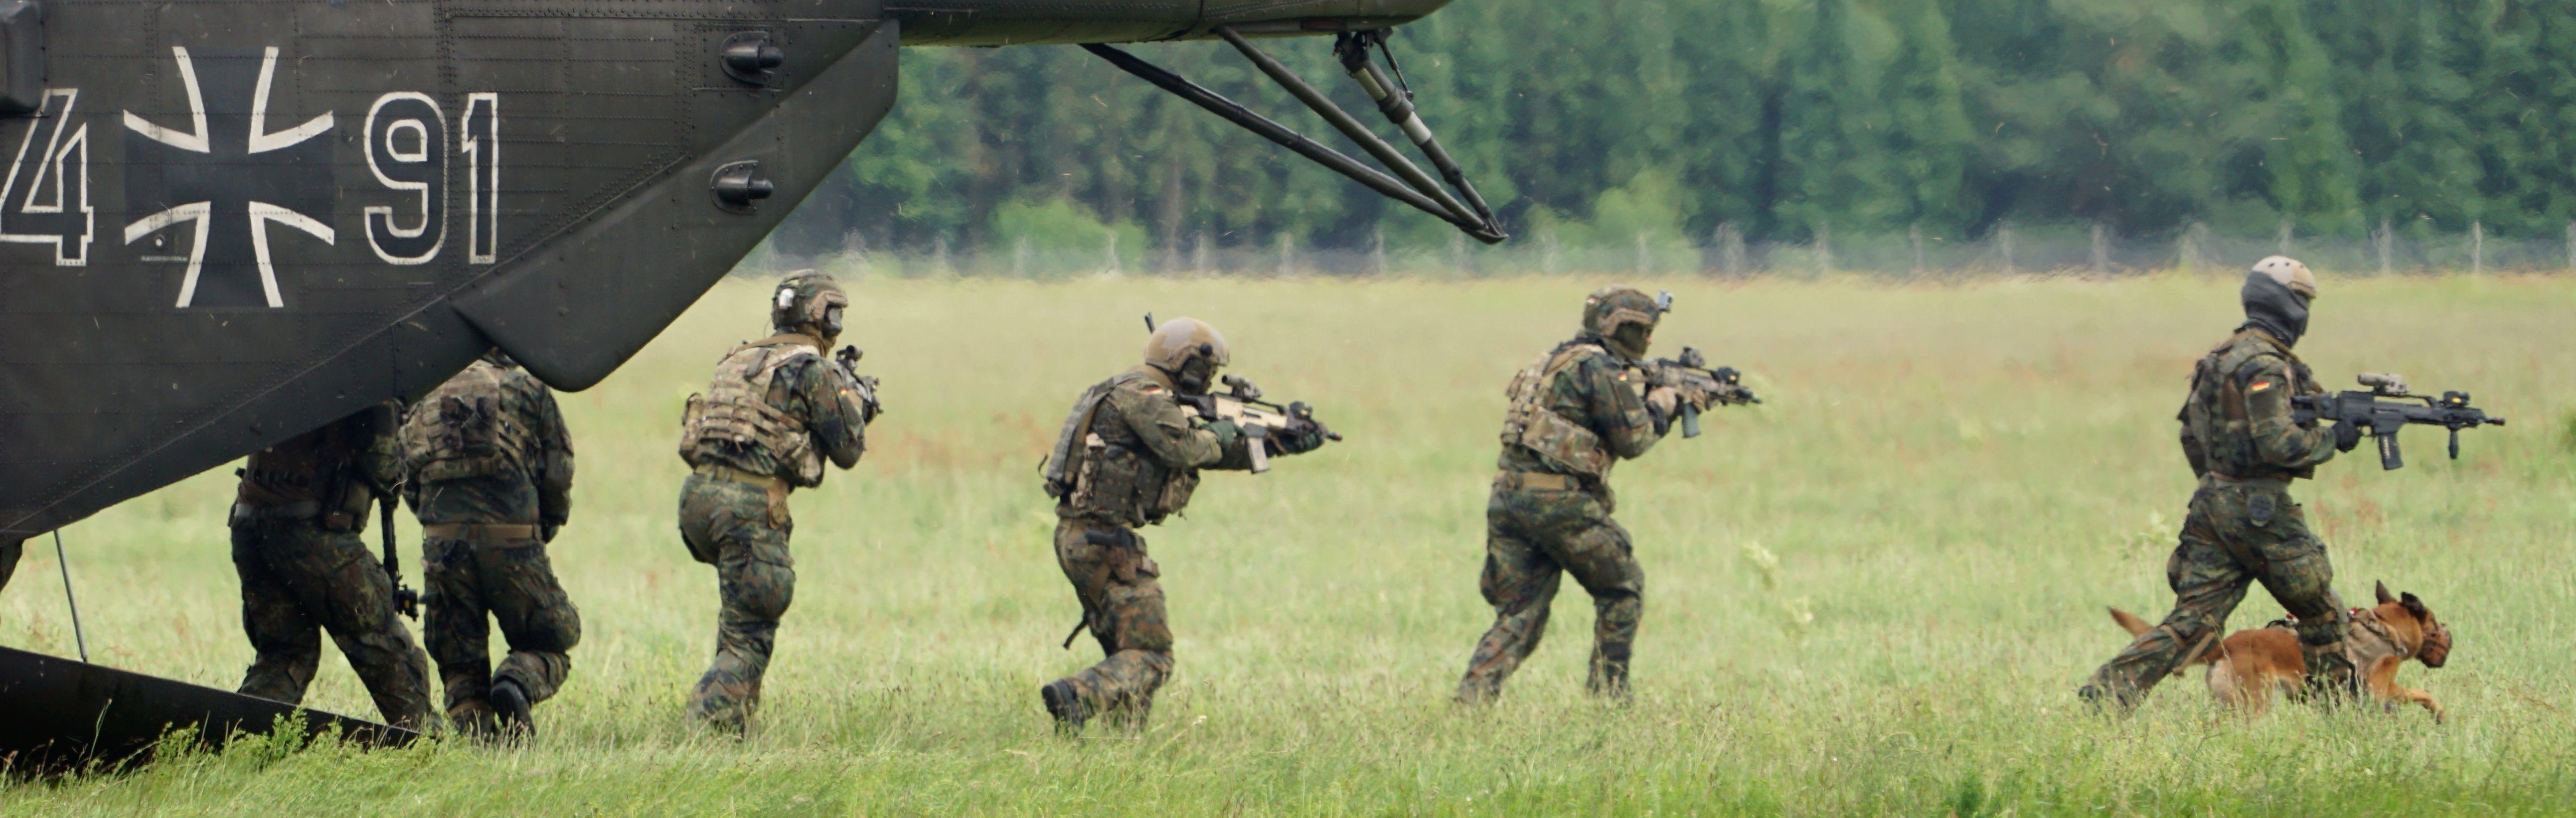 Le KSK, l'unité de forces spéciales allemande, ne participera pas à l'opération Takouba voulue par la France.